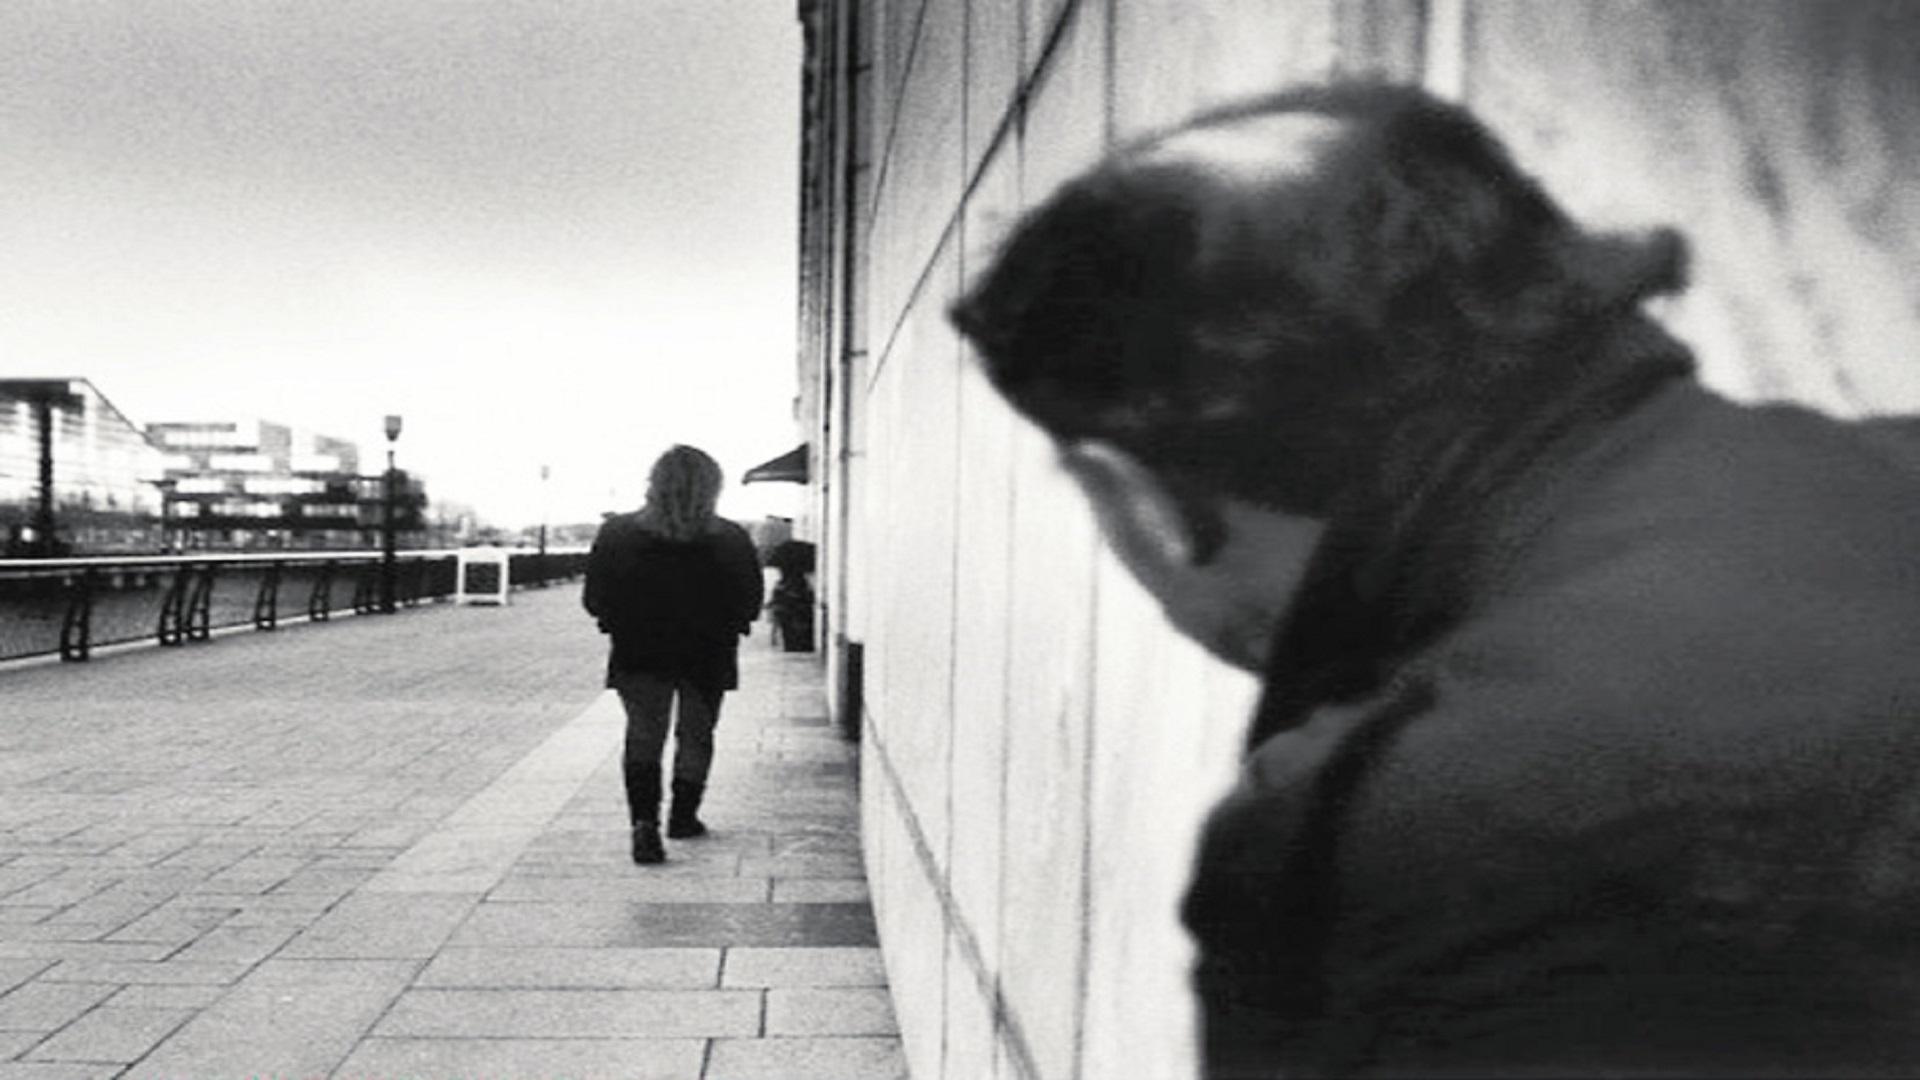 23-Stalking-Man-Rex_opt